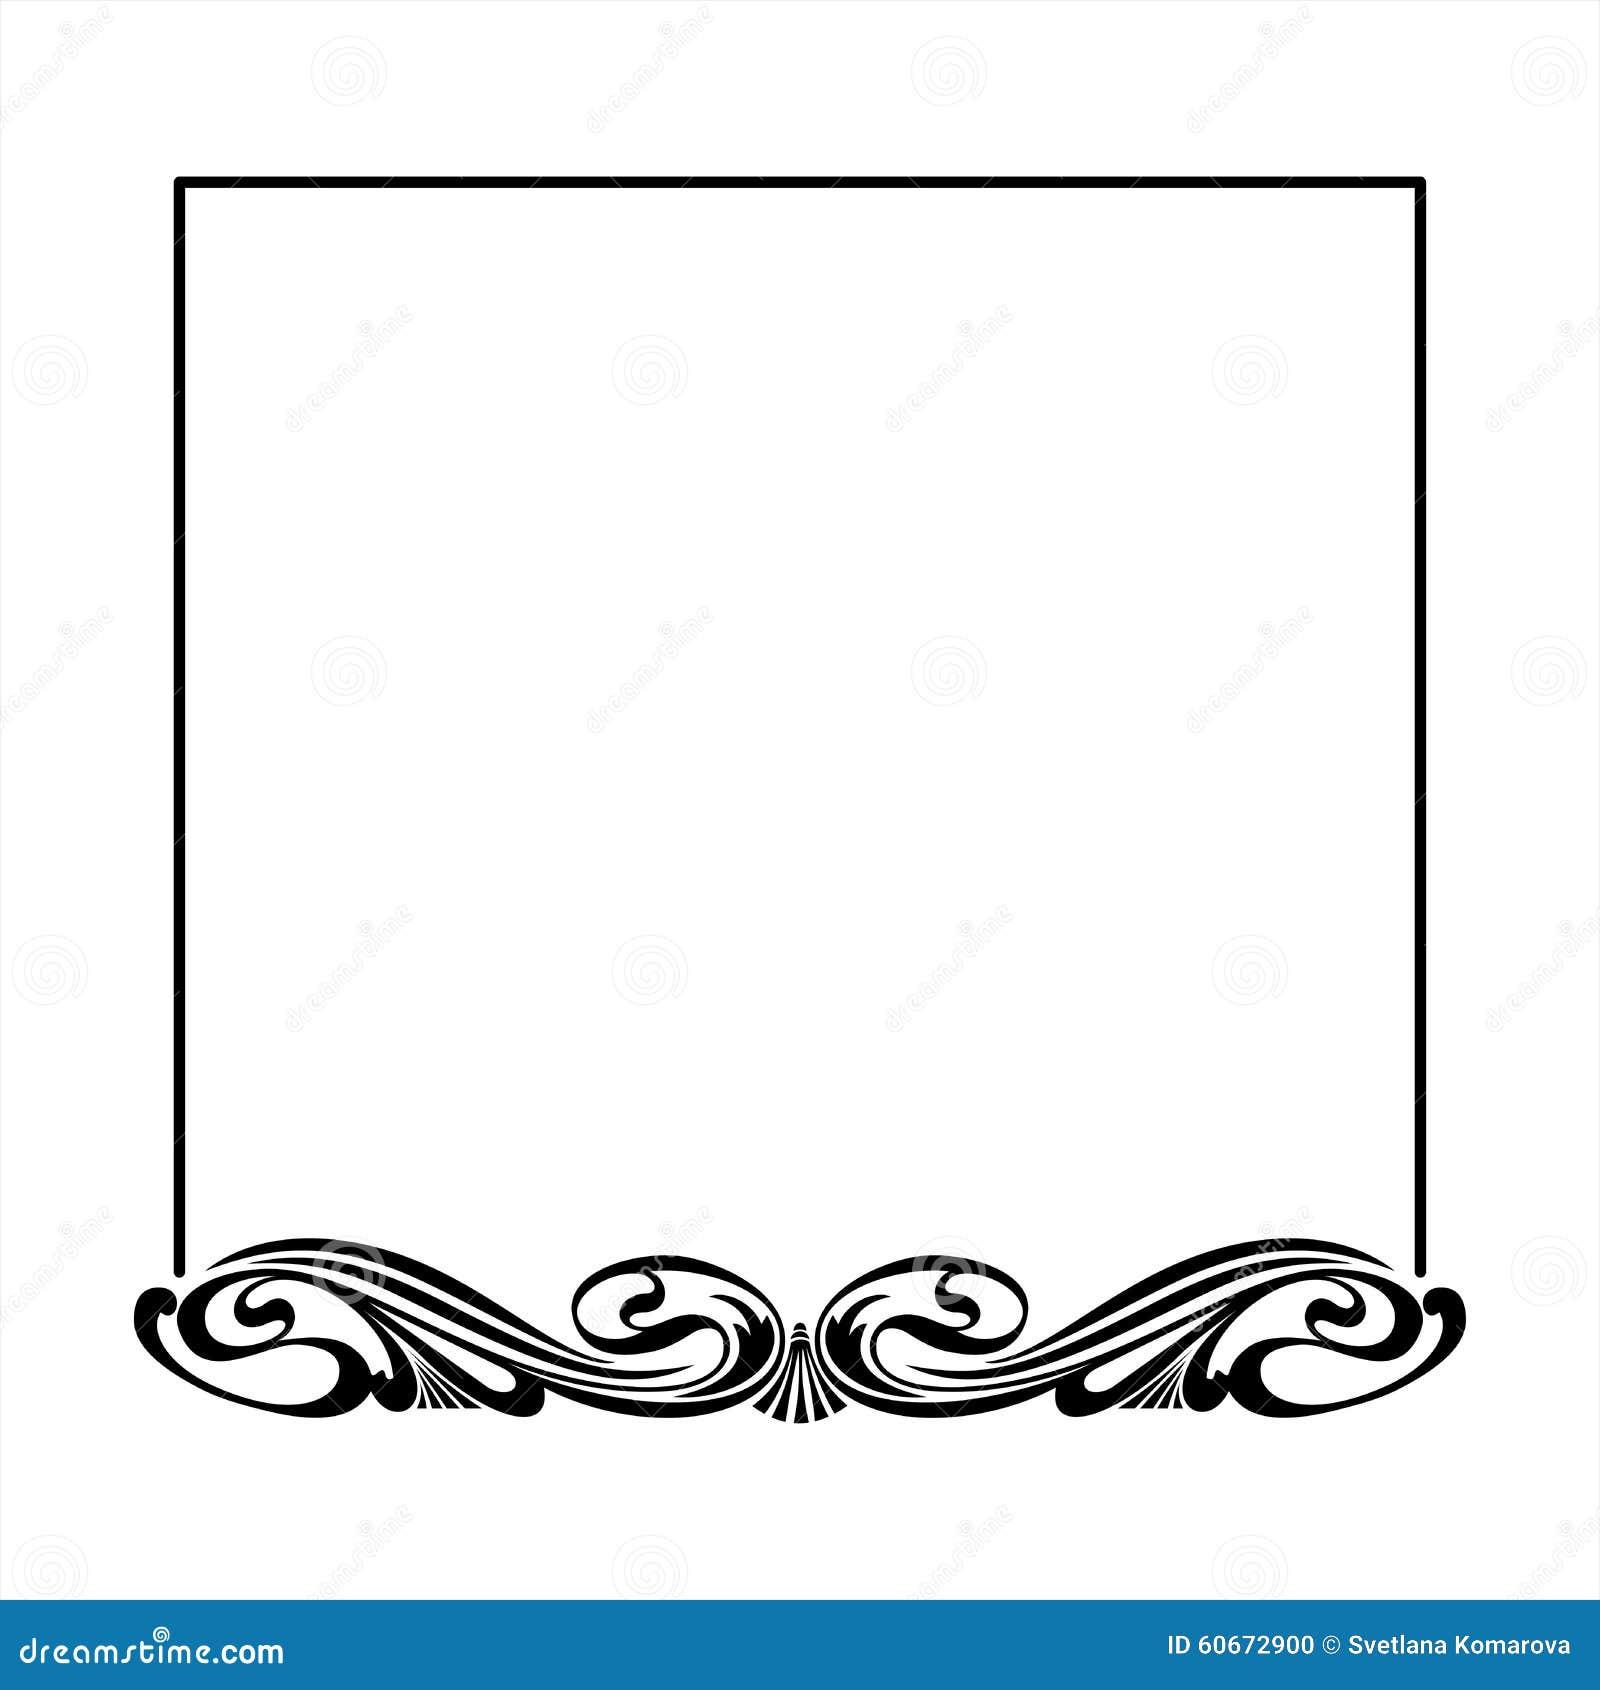 decorative square frame stock vector image 60672900. Black Bedroom Furniture Sets. Home Design Ideas